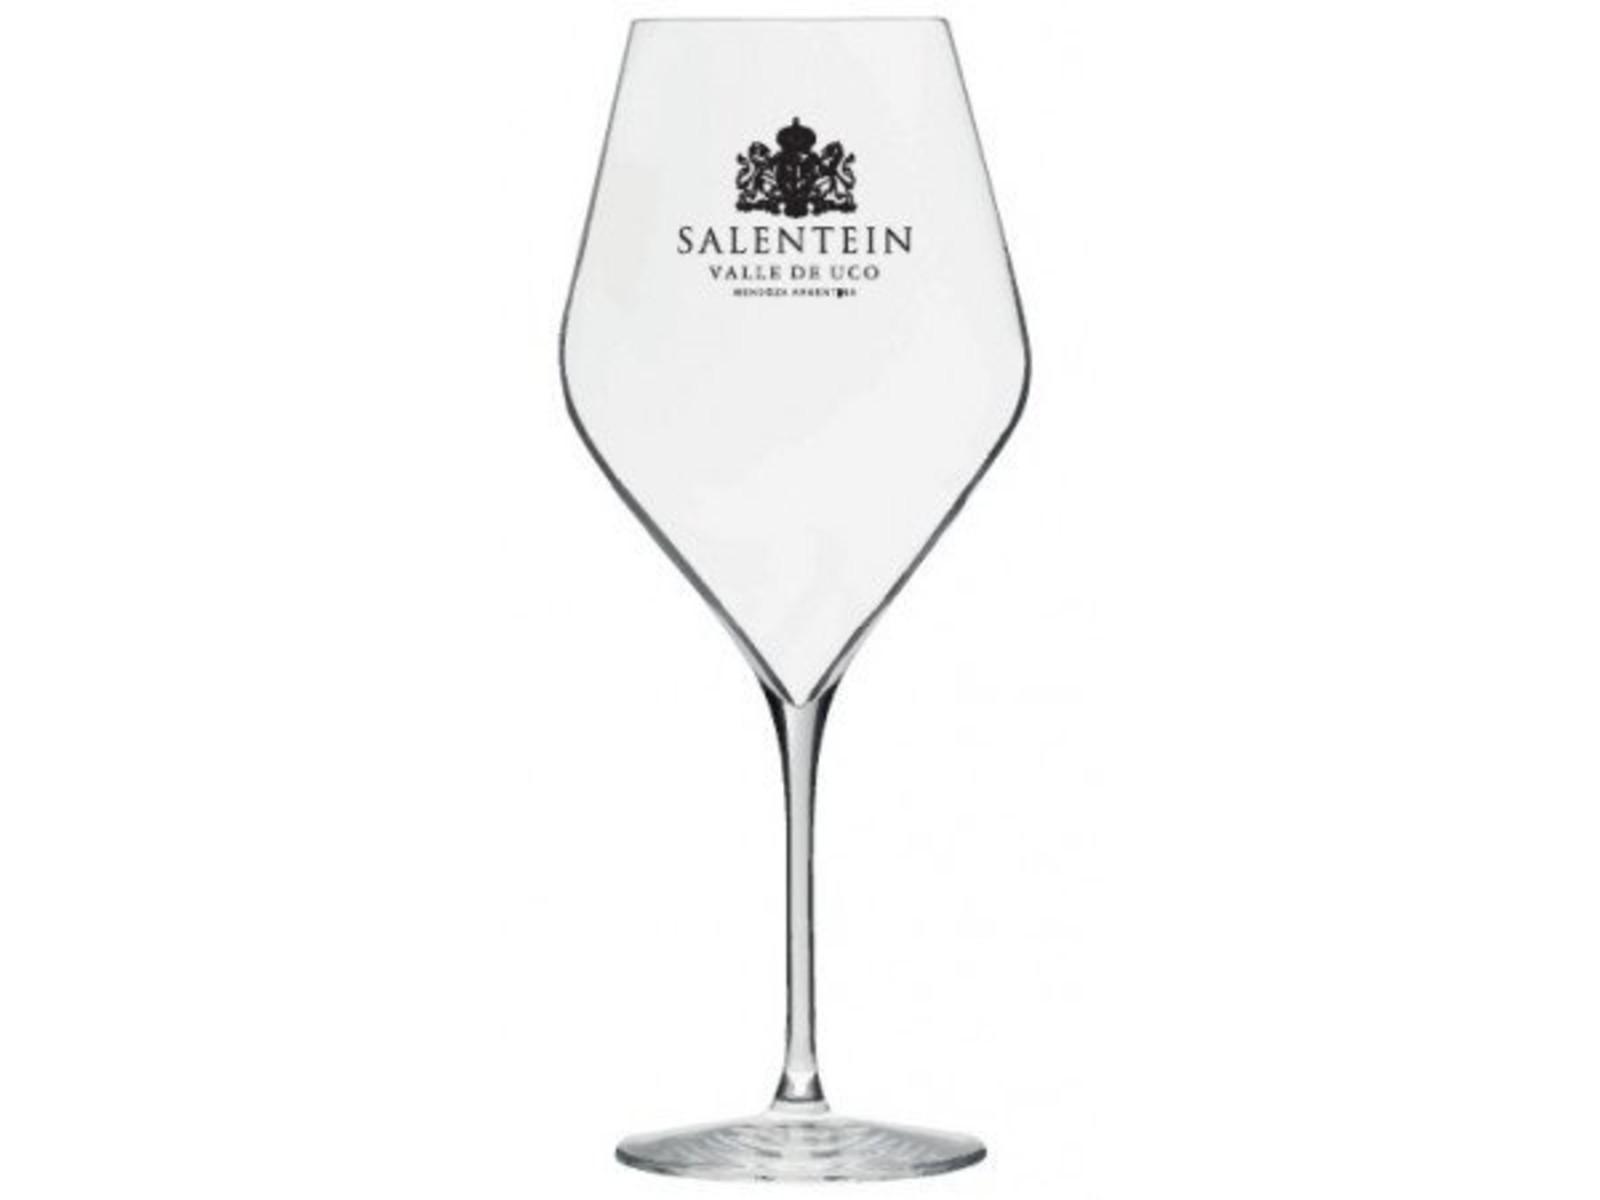 Bodegas Salentein Salentein Glazen 47 cl / Lehmann Absolus